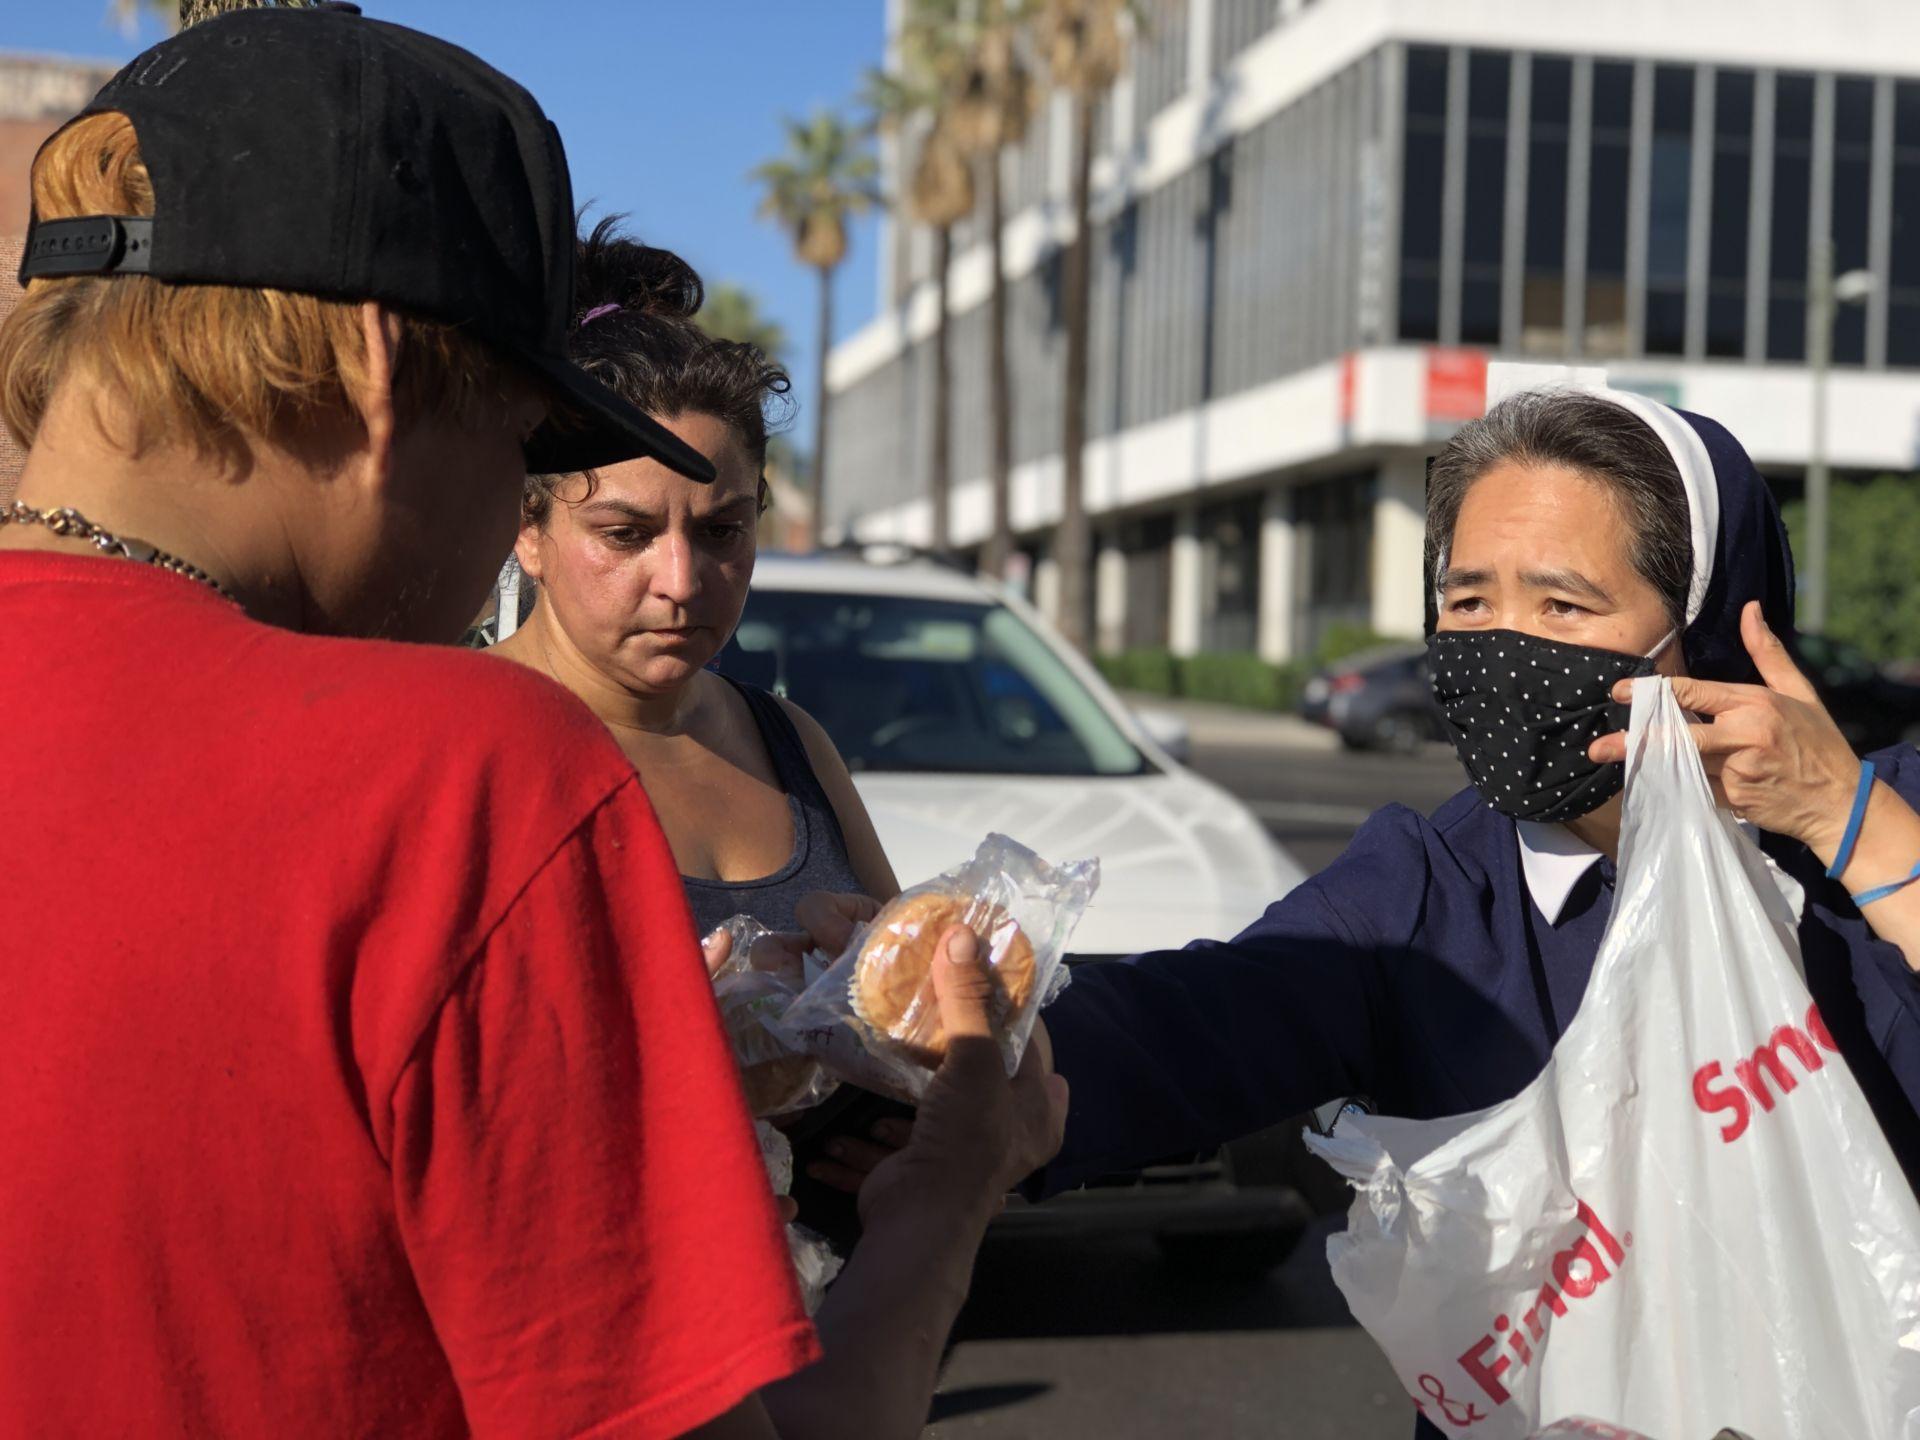 Những nữ tu gốc Việt mang sứ vụ 'đổi đời' cho người vô gia cư - 1